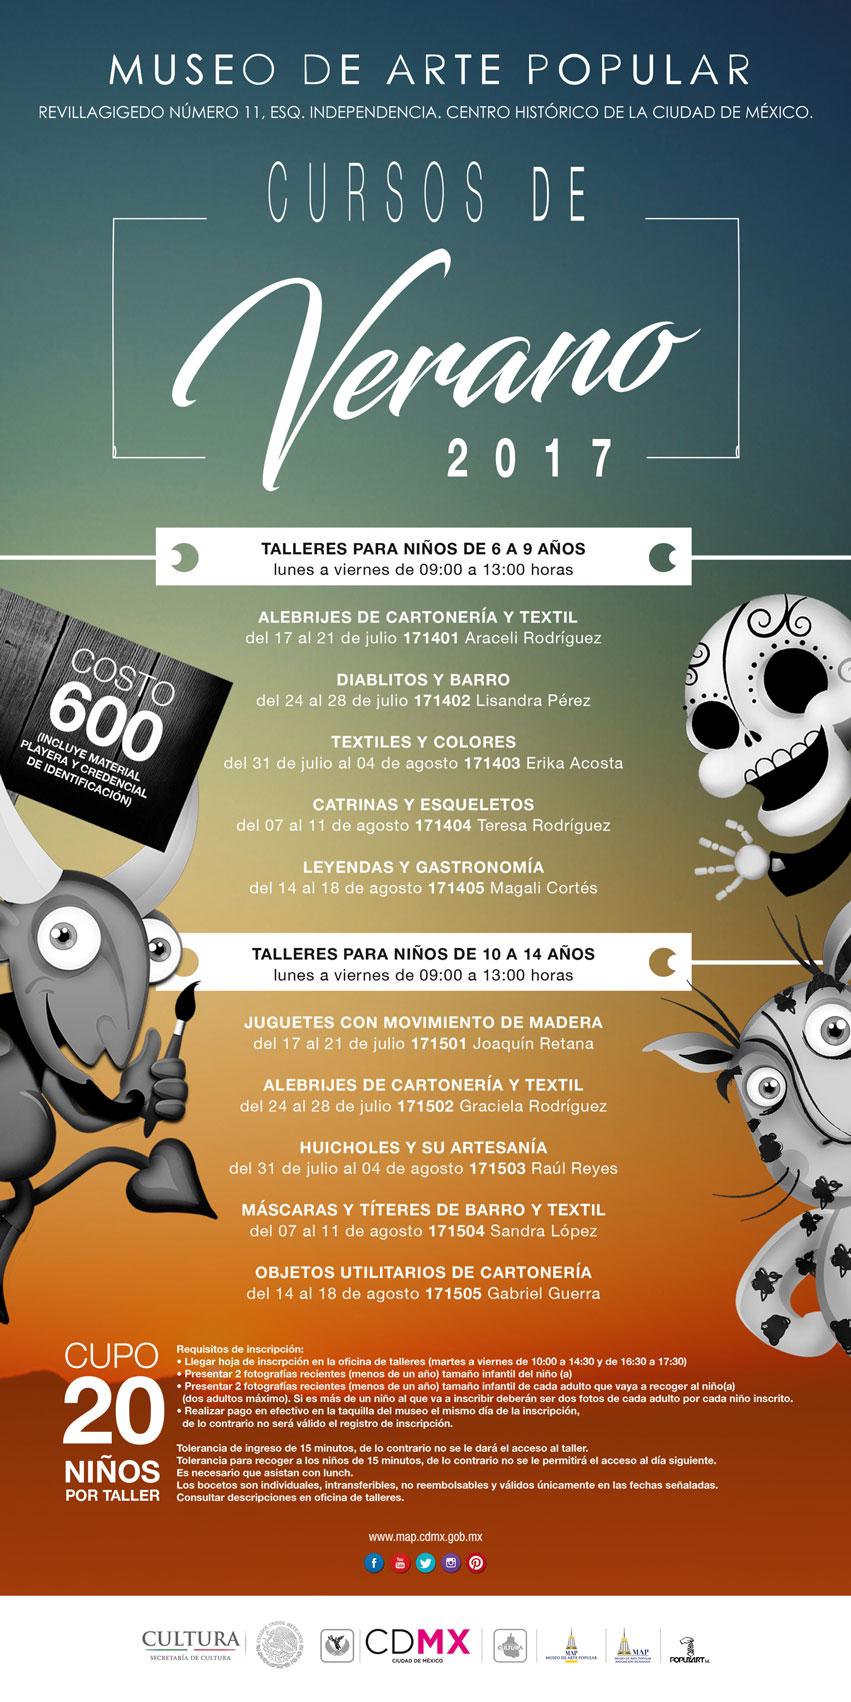 TALLERES DE VERANO PARA NIÑOS Y ADOLESCENTES DE 6 A 14 AÑOS DEL 17 DE JULIO  AL 18 DE AGOSTO DEL 2017. 78cbedbdb86